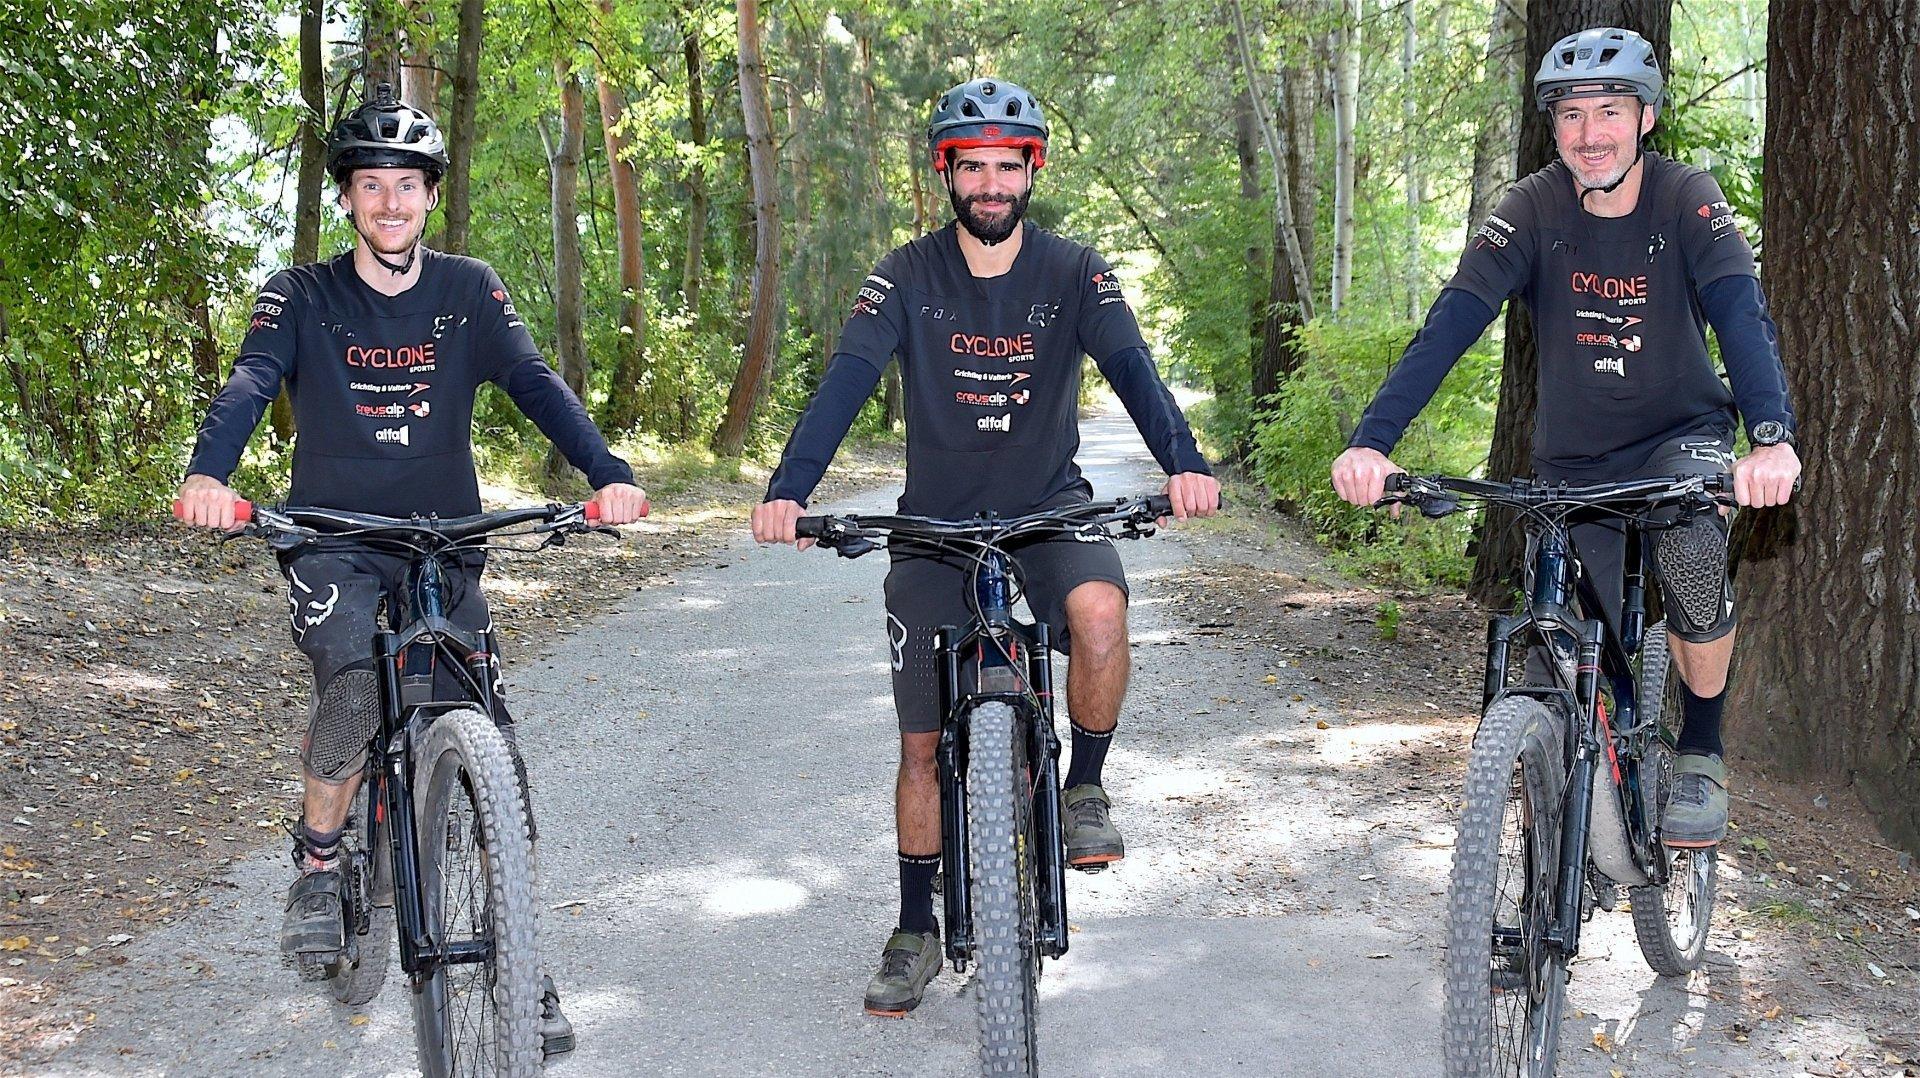 Xavier Blanc, Mehdi Lorenz et Raphaël Salamin se préparent pour la manche valaisanne des séries mondiales d'enduro en VTT.